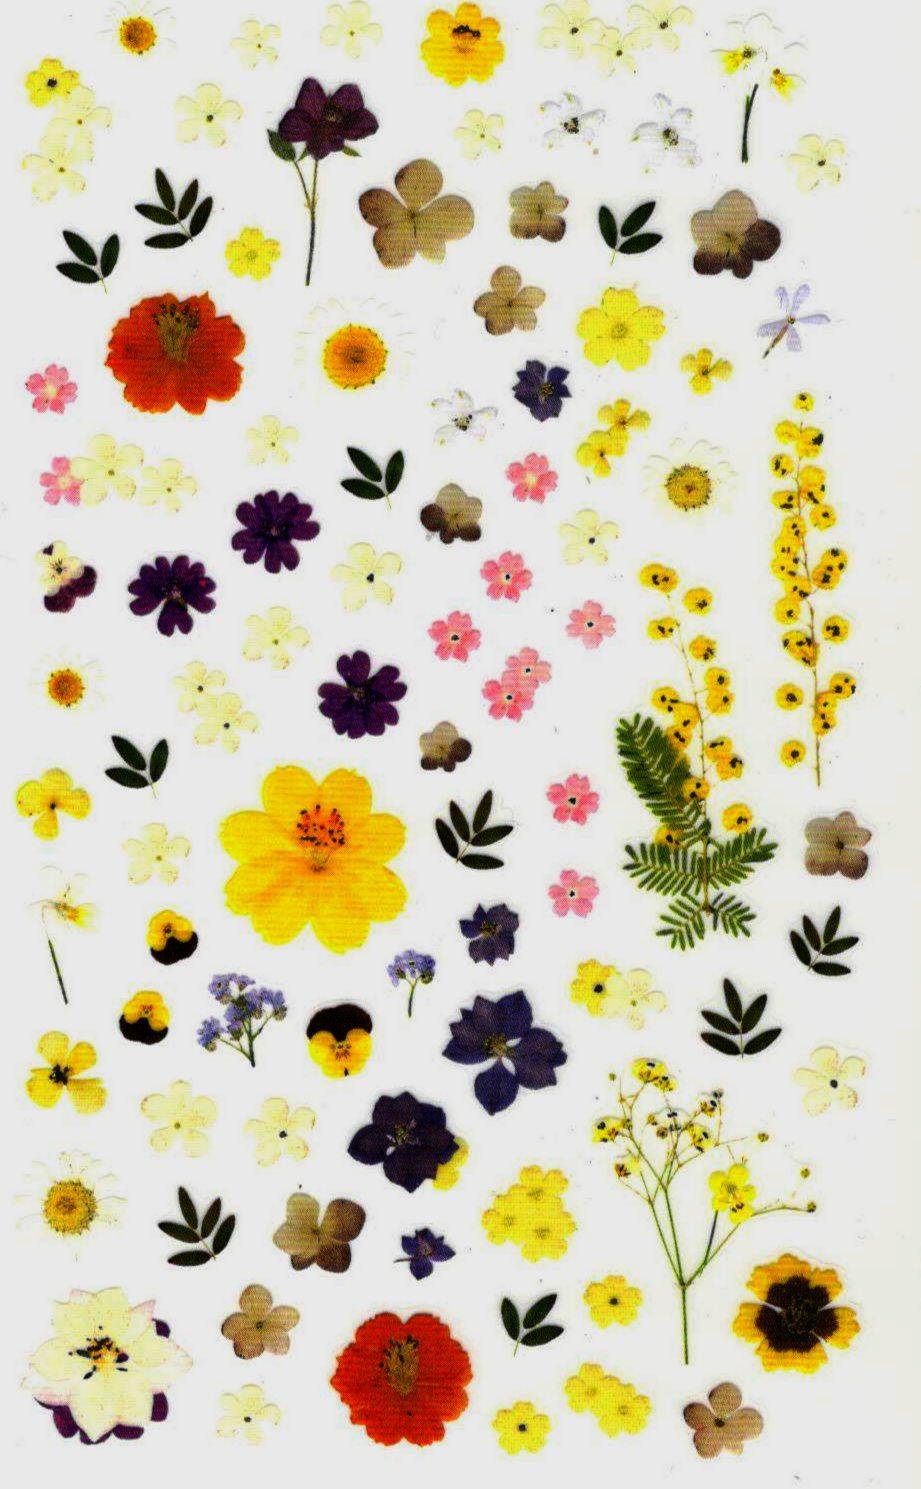 80 petits stickers fleurs séchées